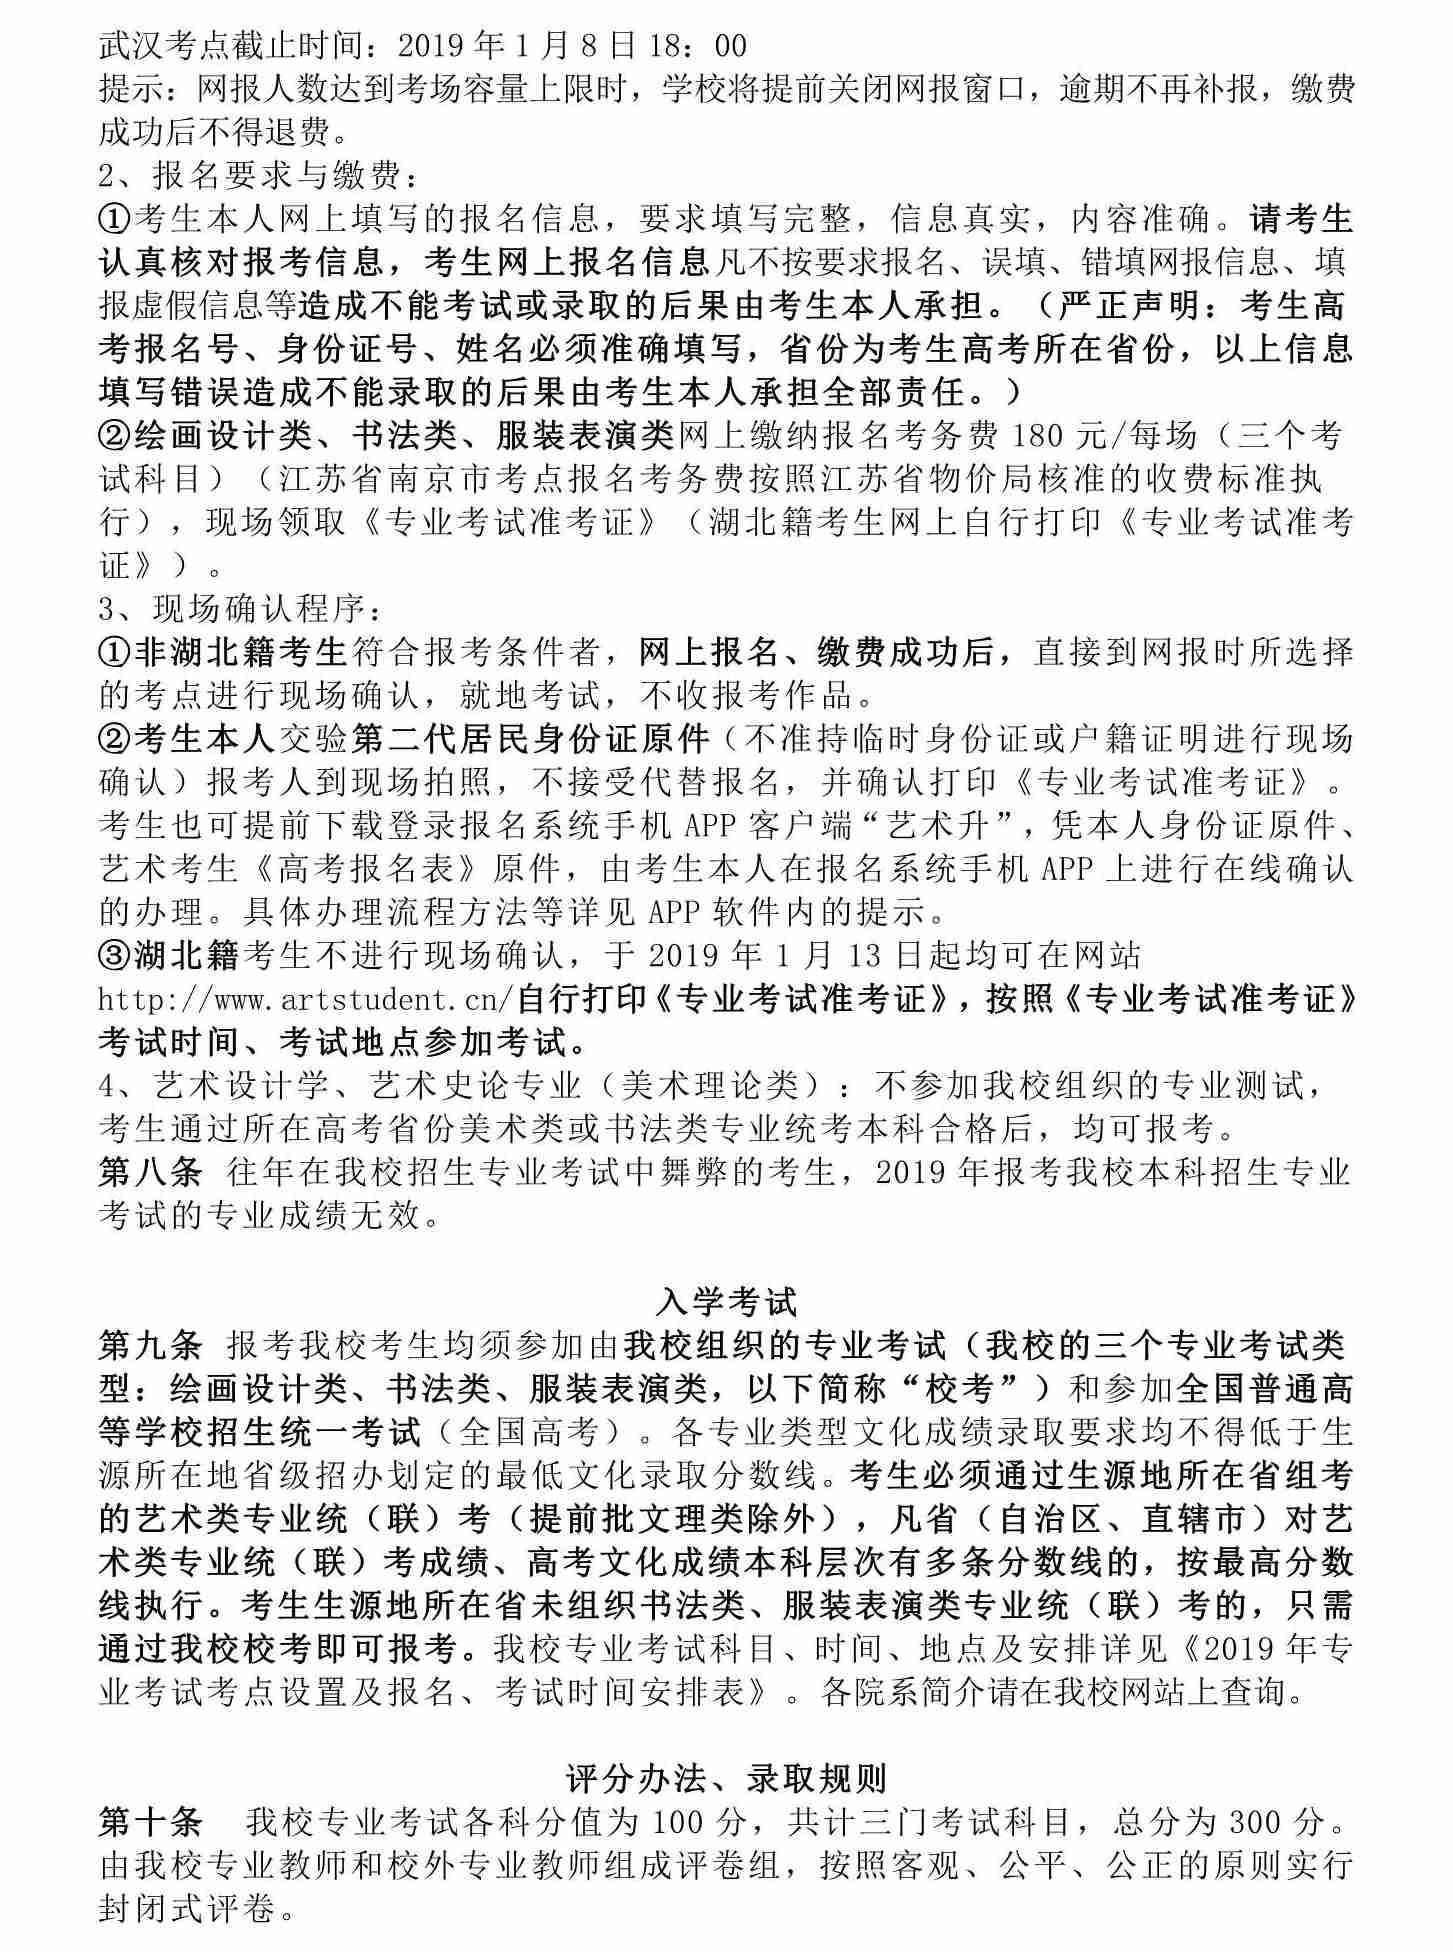 台灣美術學院2019年通俗本科招生簡章圖片02